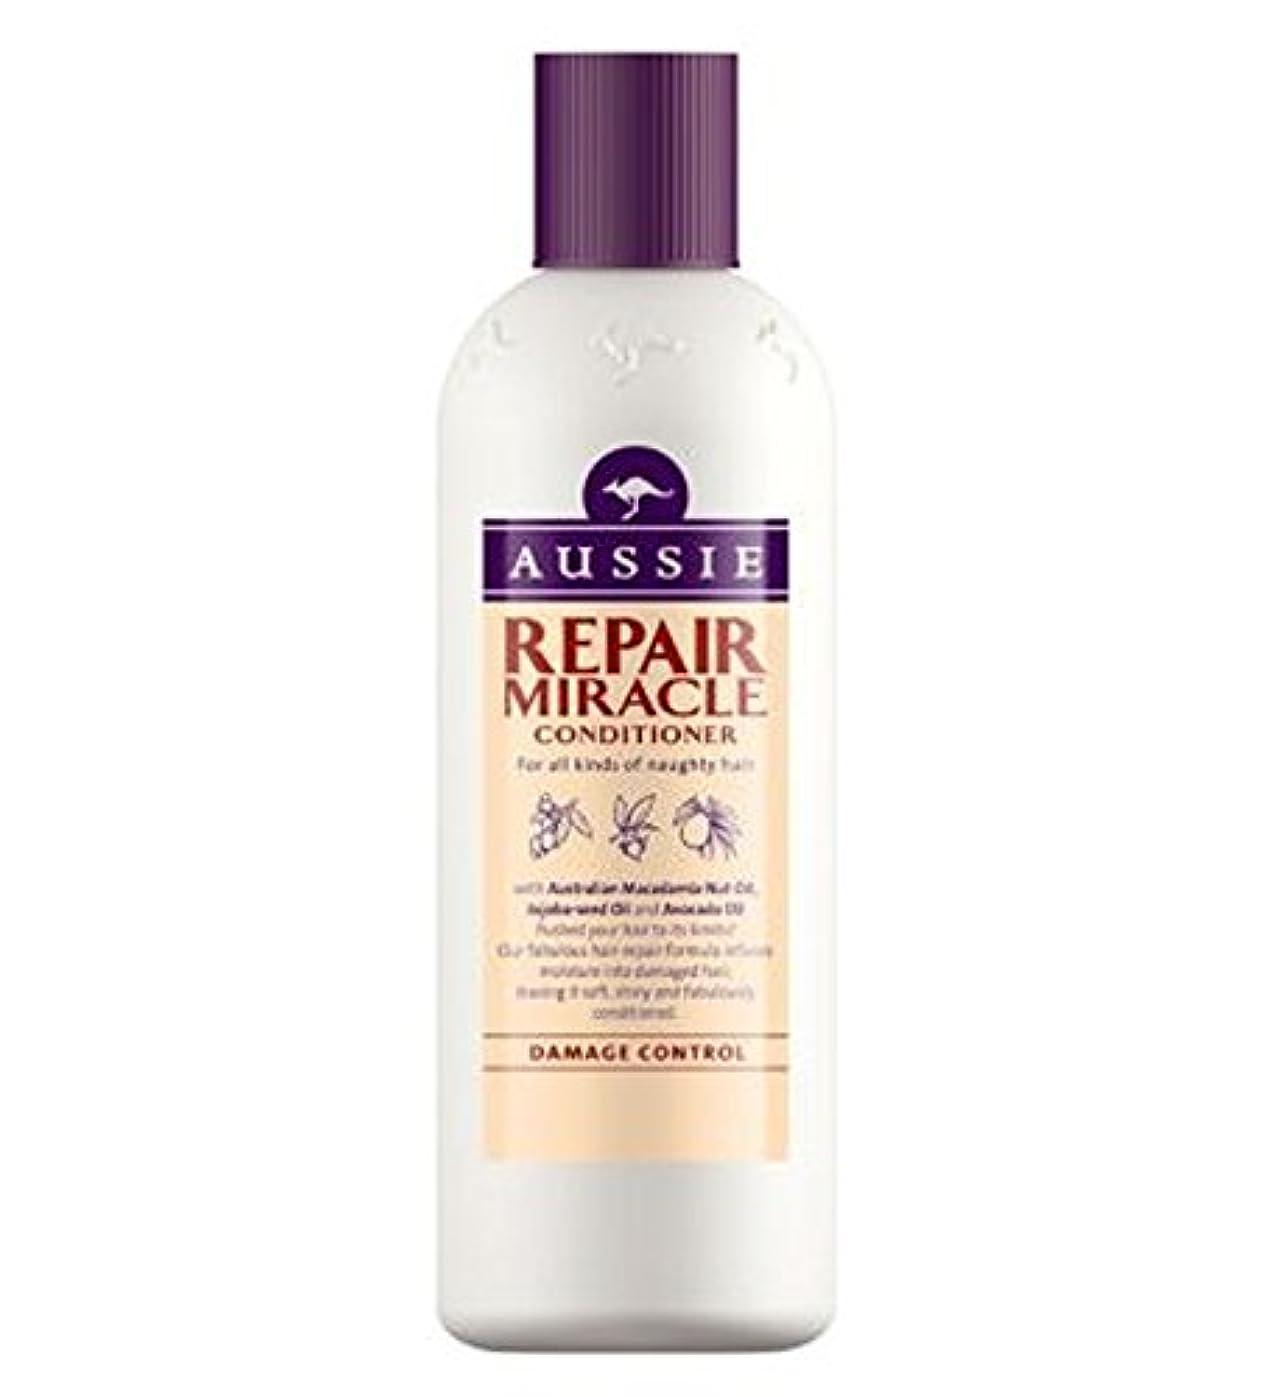 上がる橋再生Aussie Conditioner Repair Miracle for All Kinds of Naughty Hair 400ml - いたずらヘア400ミリリットルのすべての種類のオージーエアコンの修理の奇跡 (Aussie) [並行輸入品]